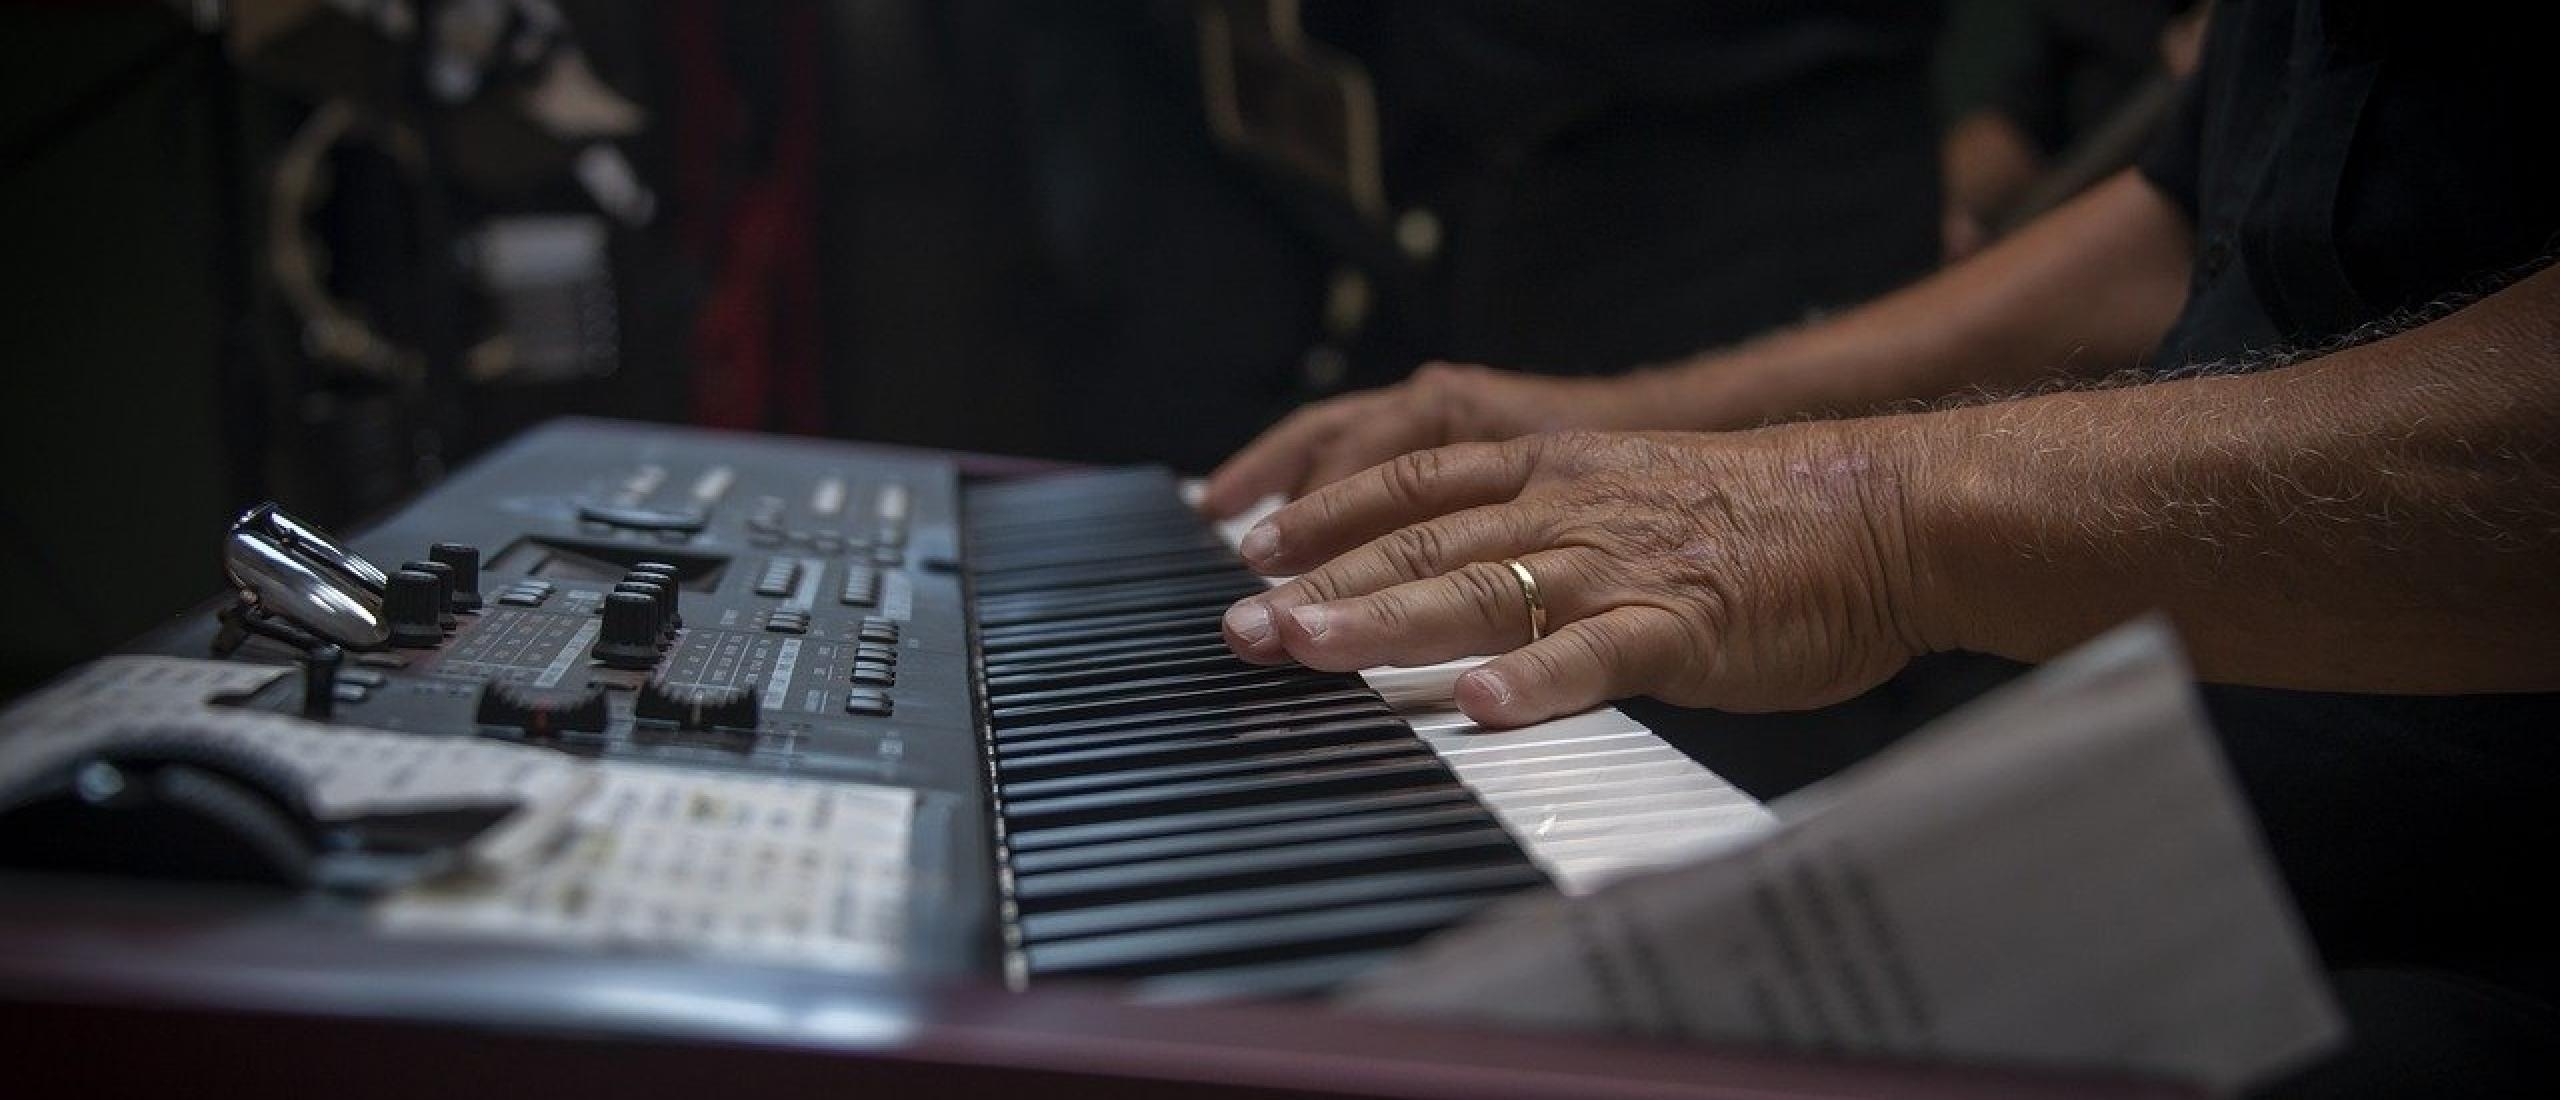 Heb jij een passie voor piano spelen? Hou dan vol en geef niet op!